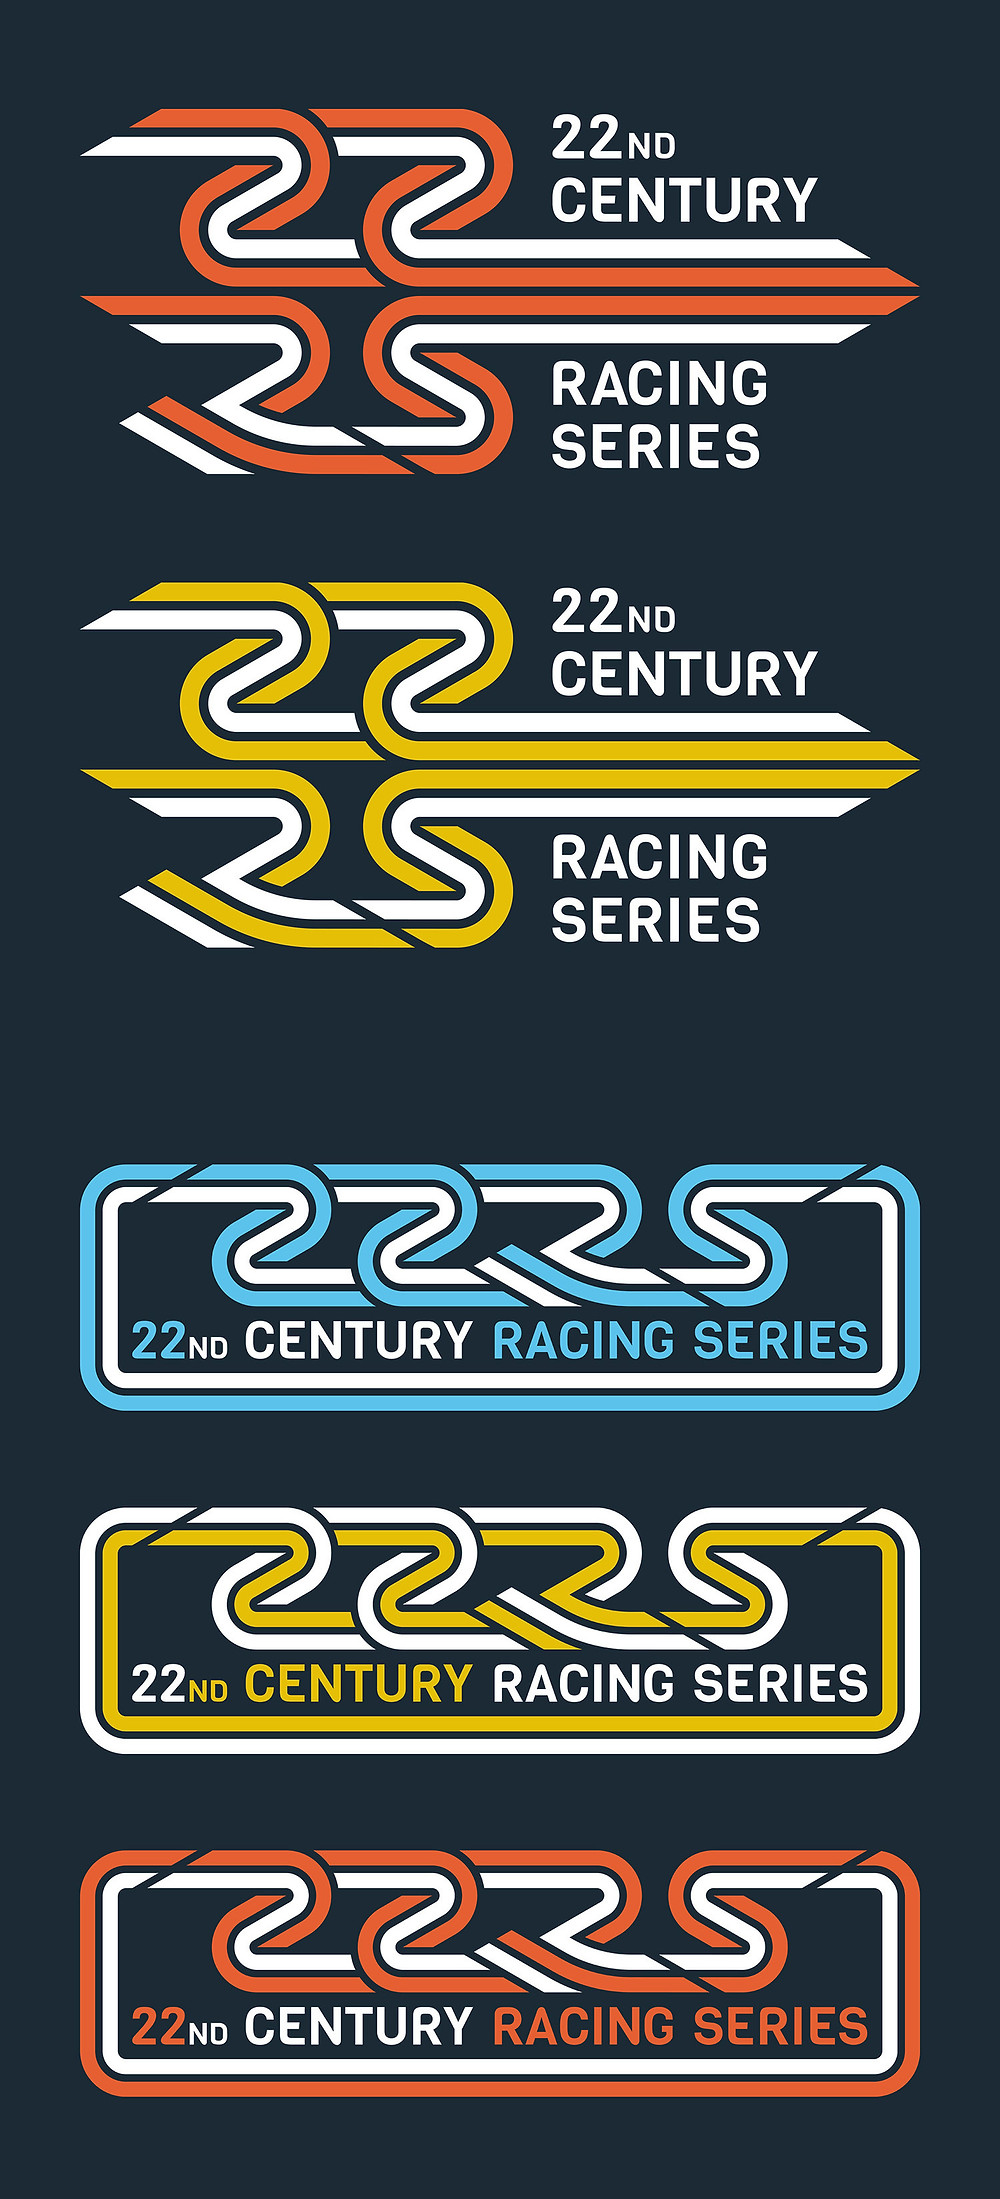 Compilation_22RS-Logos_Wordpress.jpg